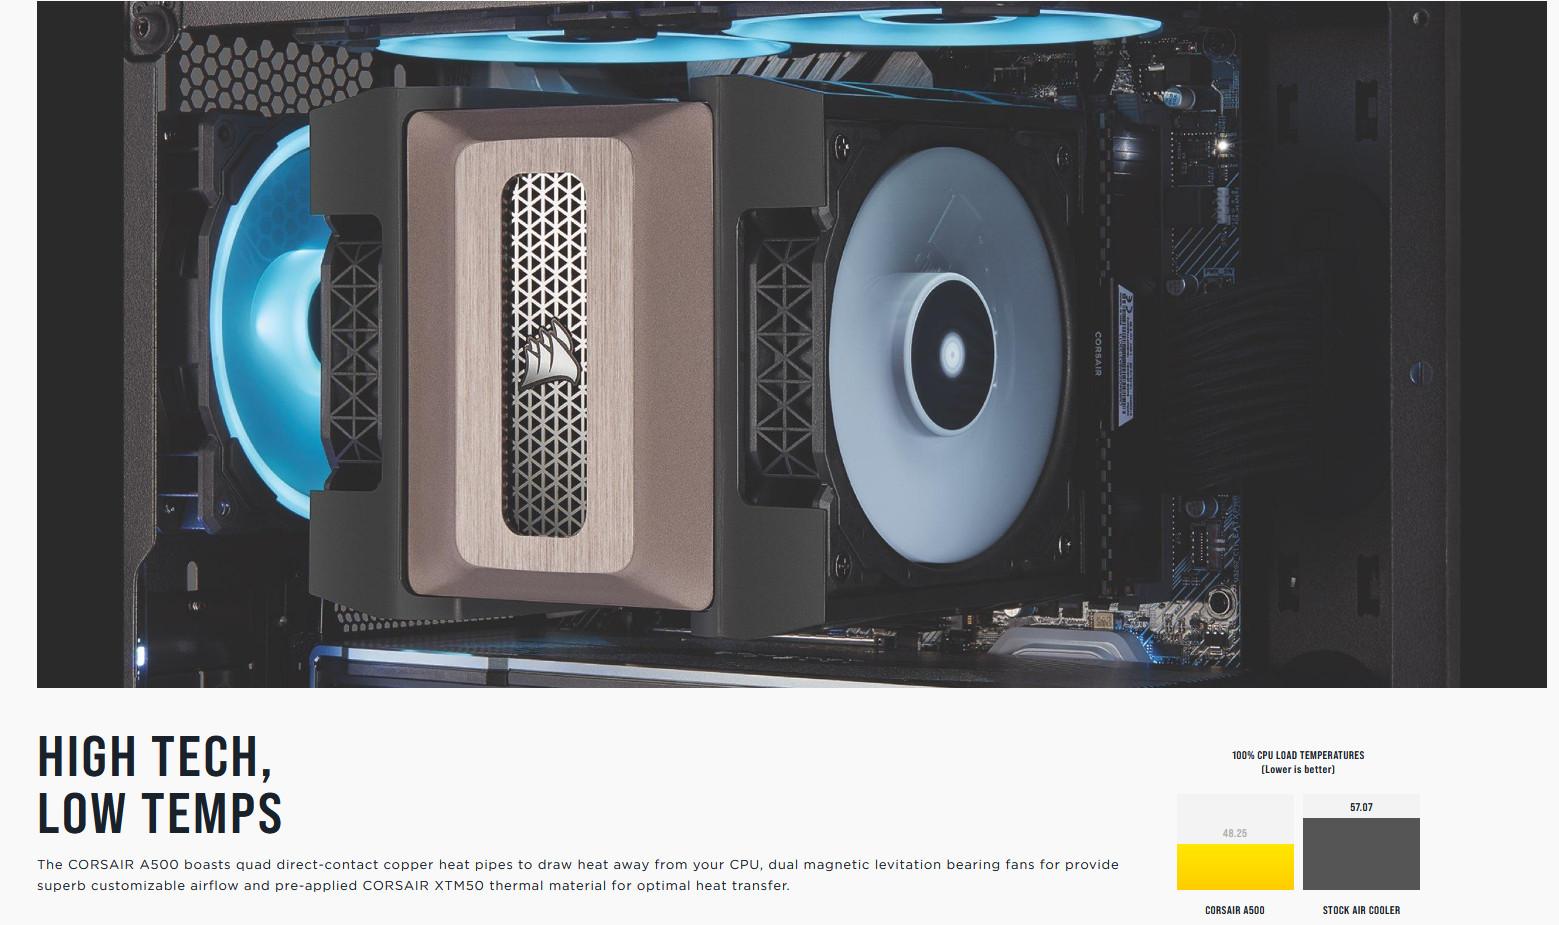 Tản nhiệt khí Corsair A500 sử dụng 4 ống đồng kích thước lớn để tản nhiệt cho PC